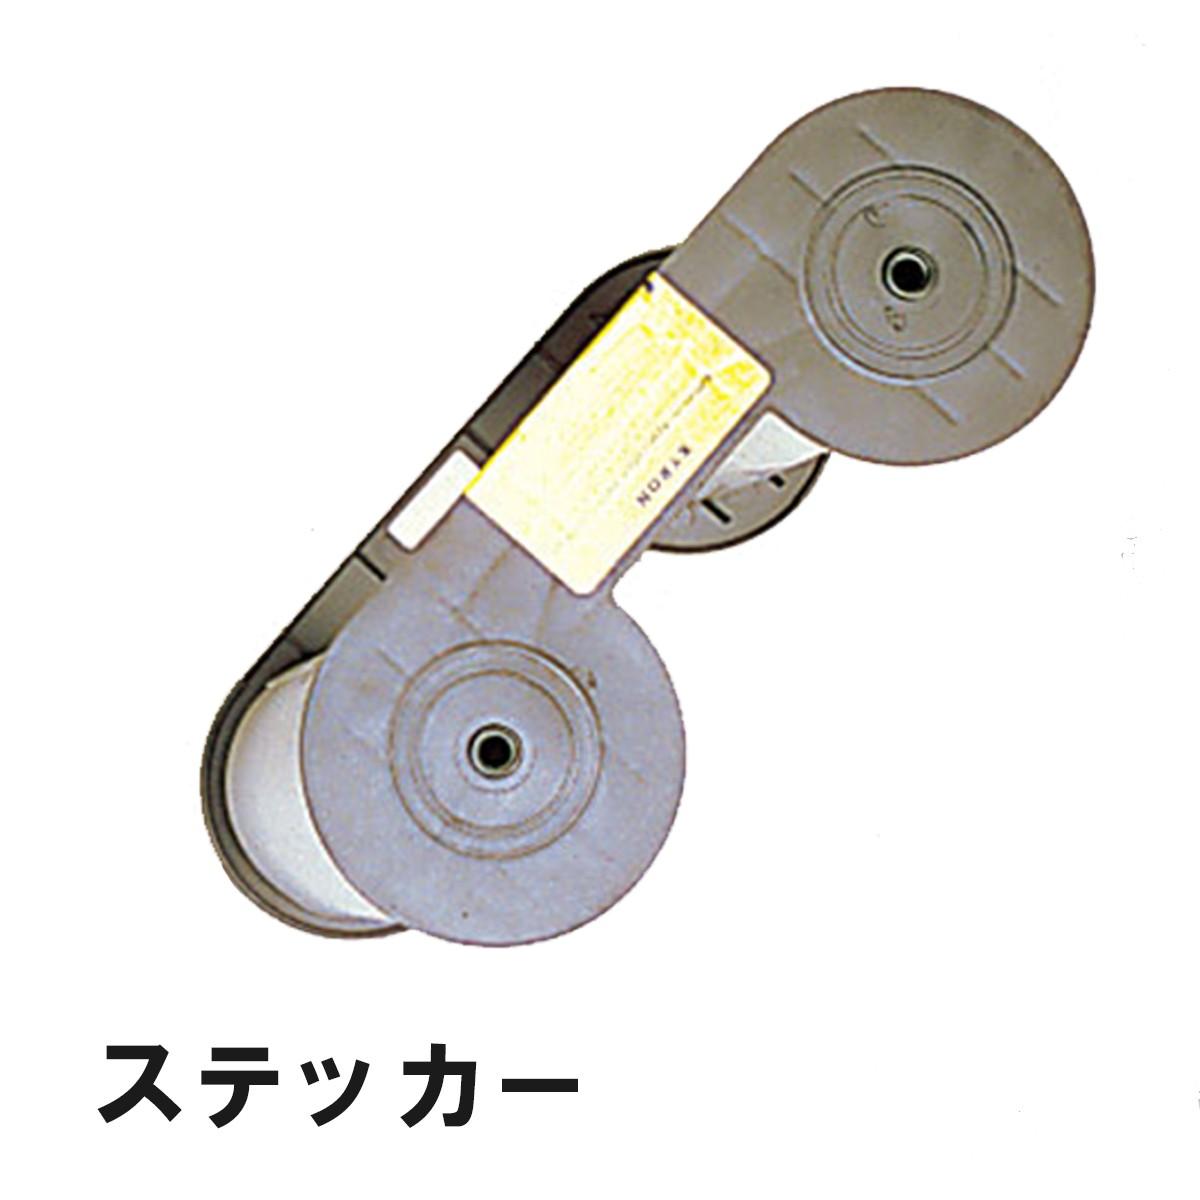 Pro 1255用カートリッジ LAT1256-100 ステッカー 【 ラミネート シール 機械 カートリッジ 保護 加工 】